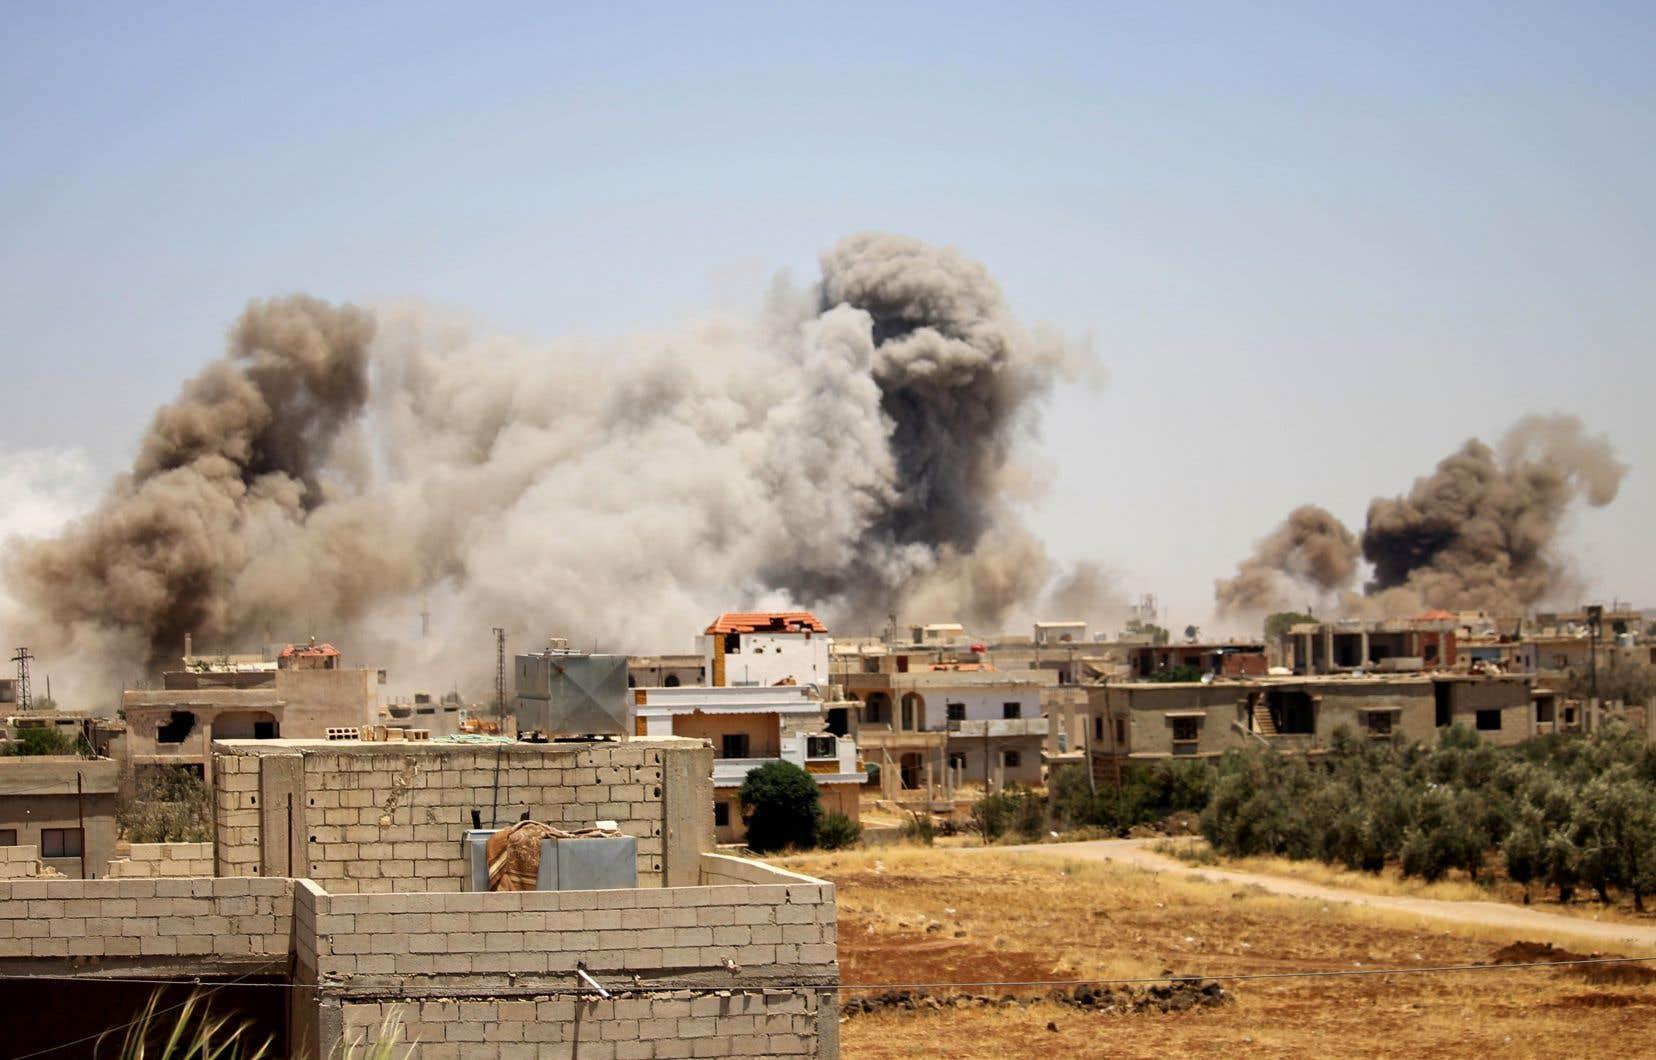 Une épaisse fumée s'élève au-dessus dela ville de Busra al-Harir, dans la province de Deraa, à la suite de raids aériens dimanche.